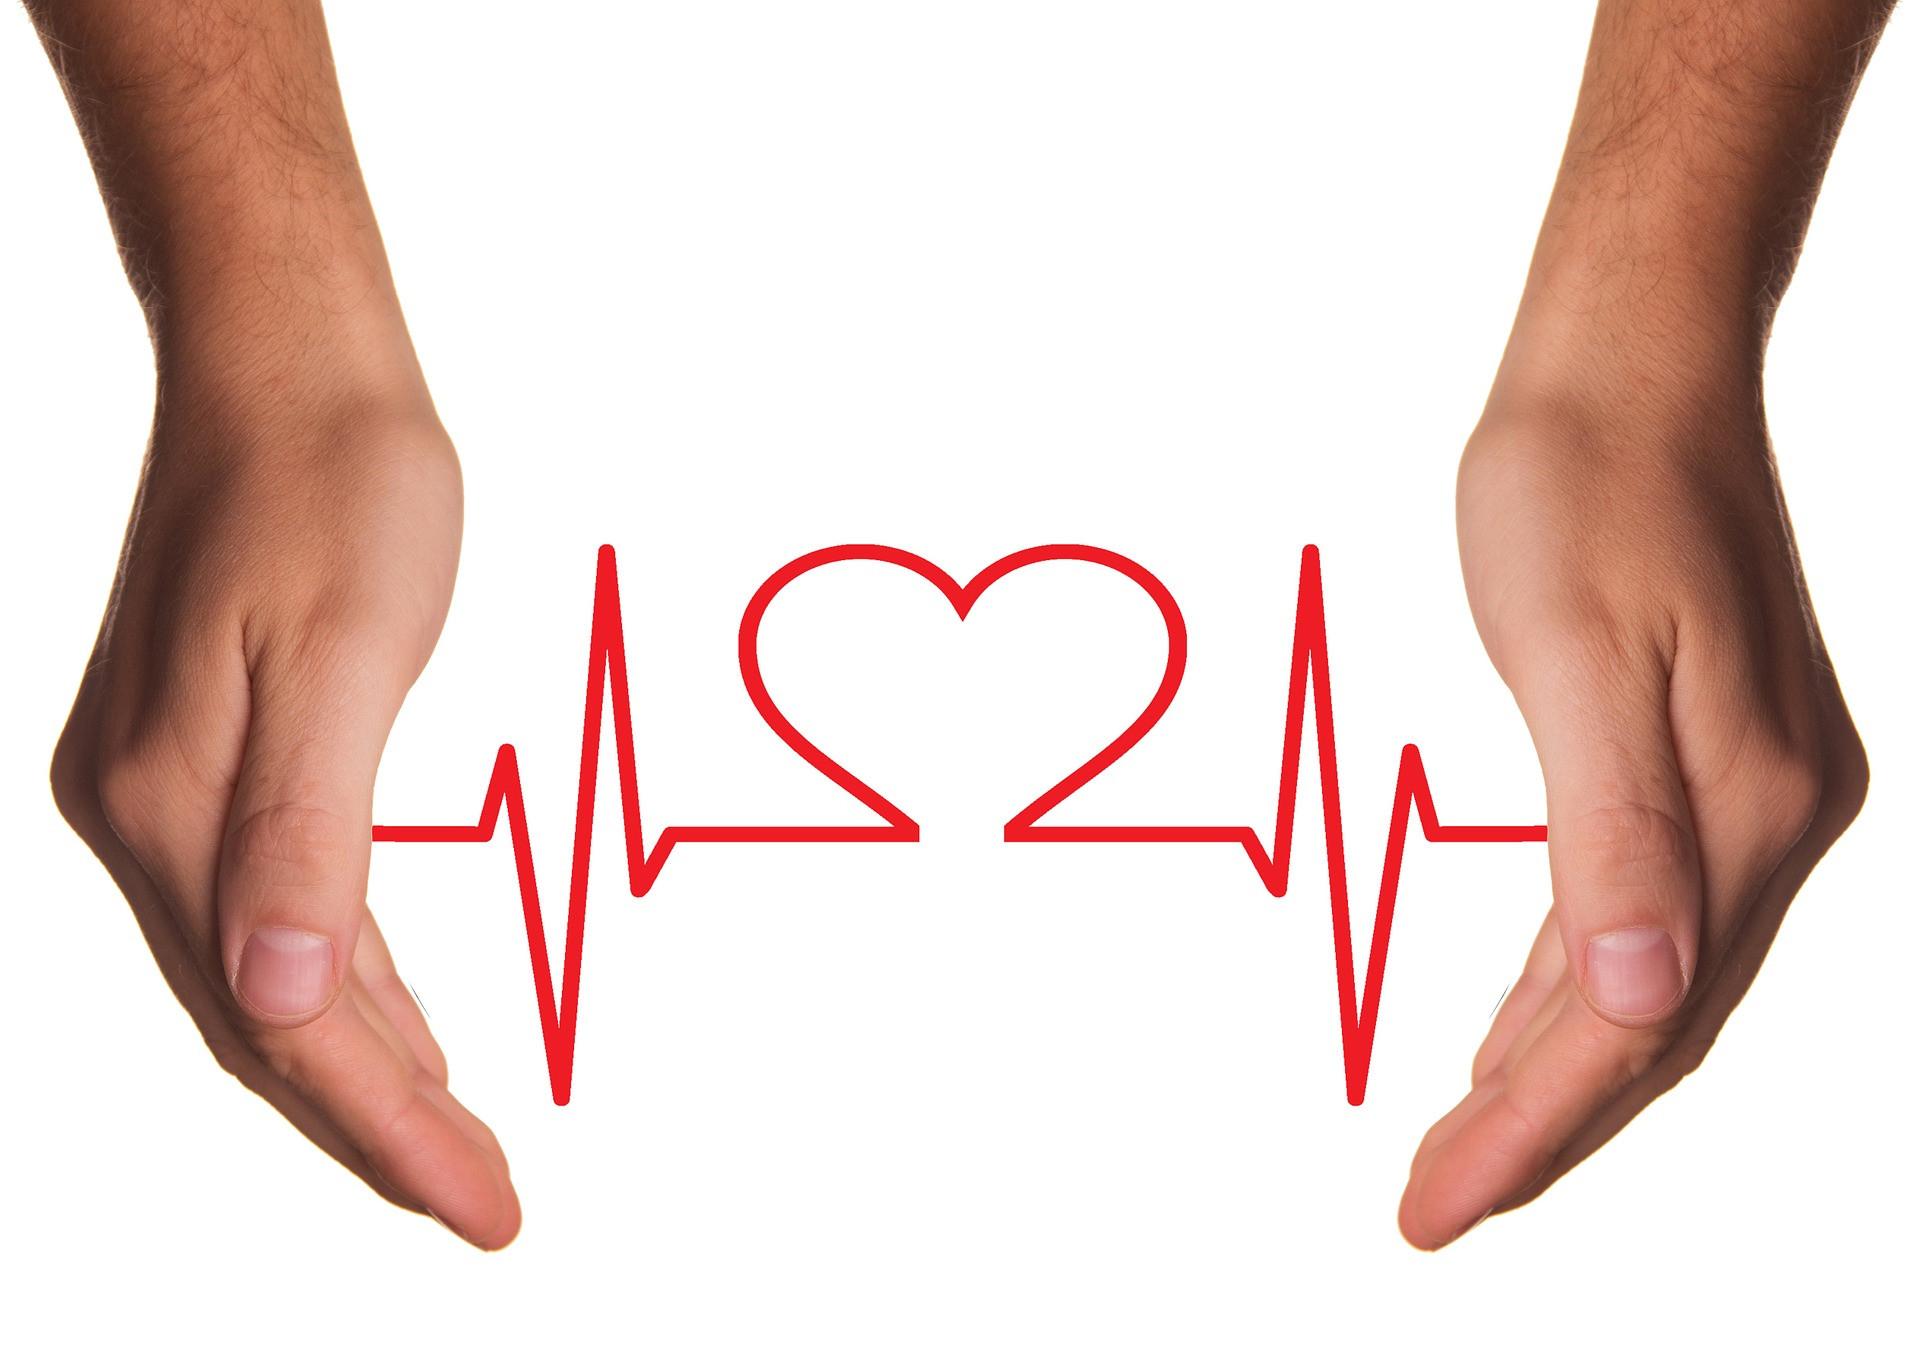 Bilan de santé holistique